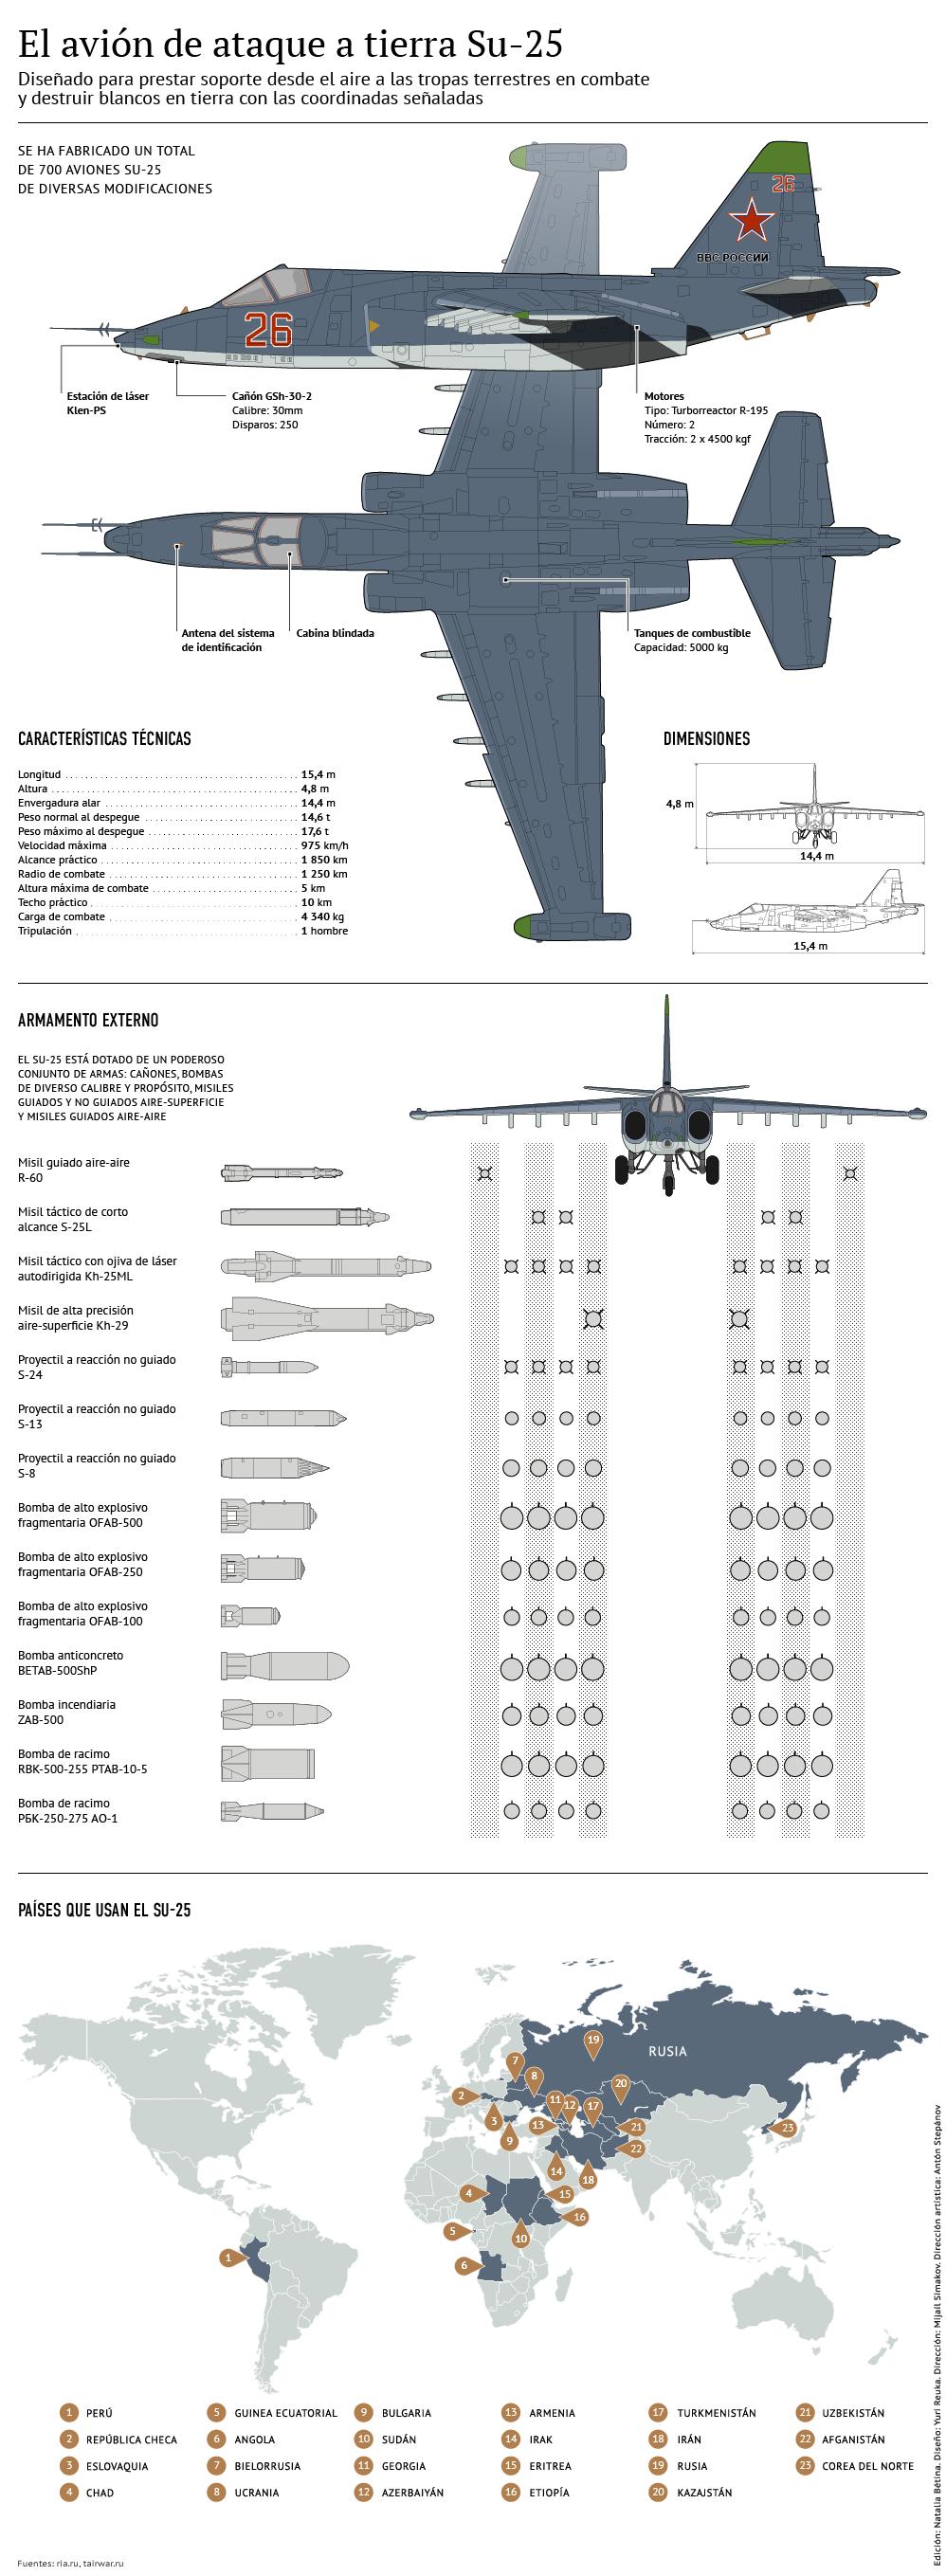 Avión de ataque a tierra Su-25 - Sputnik Mundo